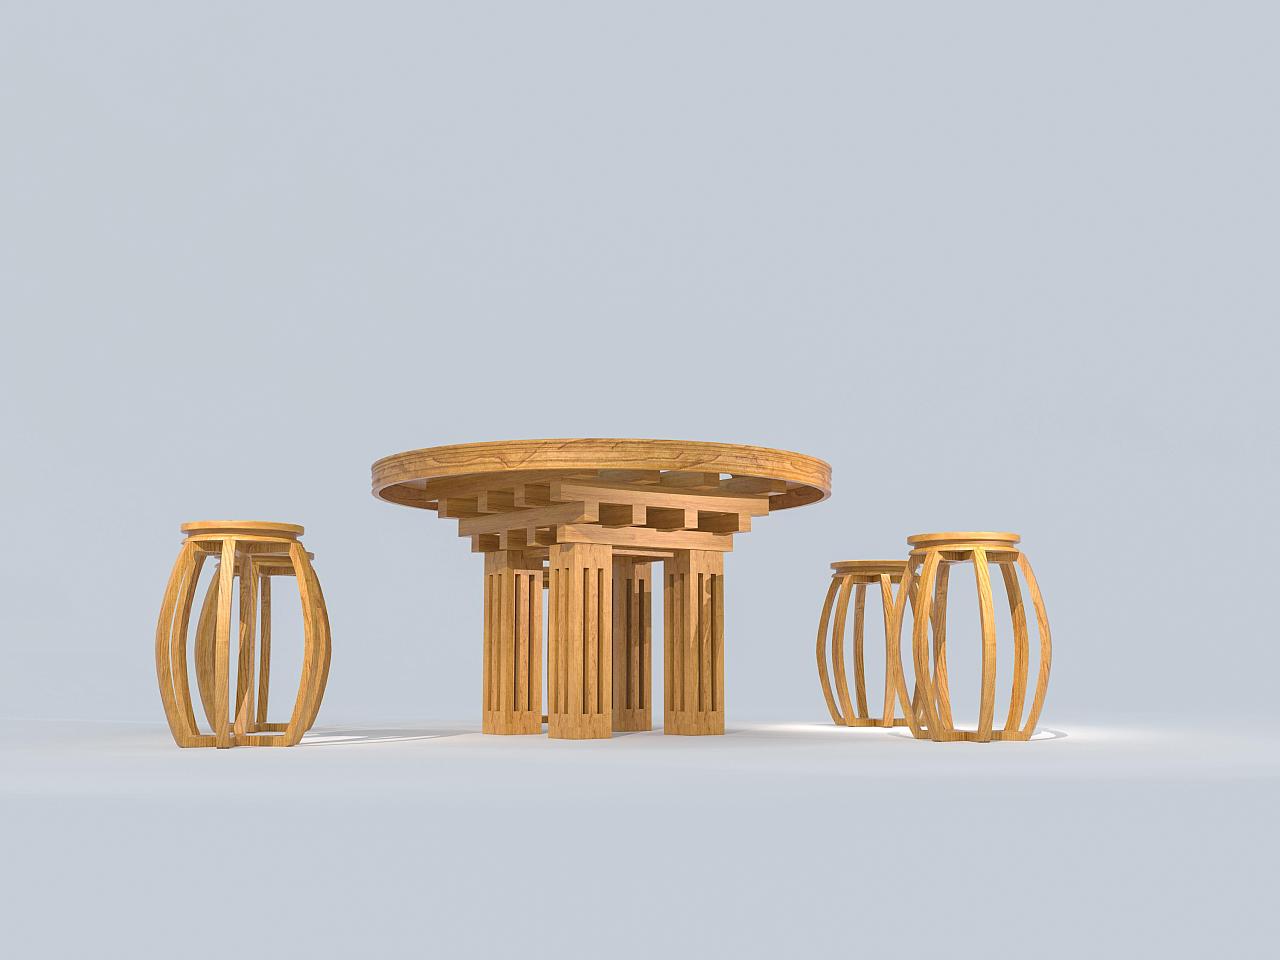 新中式家具设计 工业/产品 家具 vin_lew - 原创作品